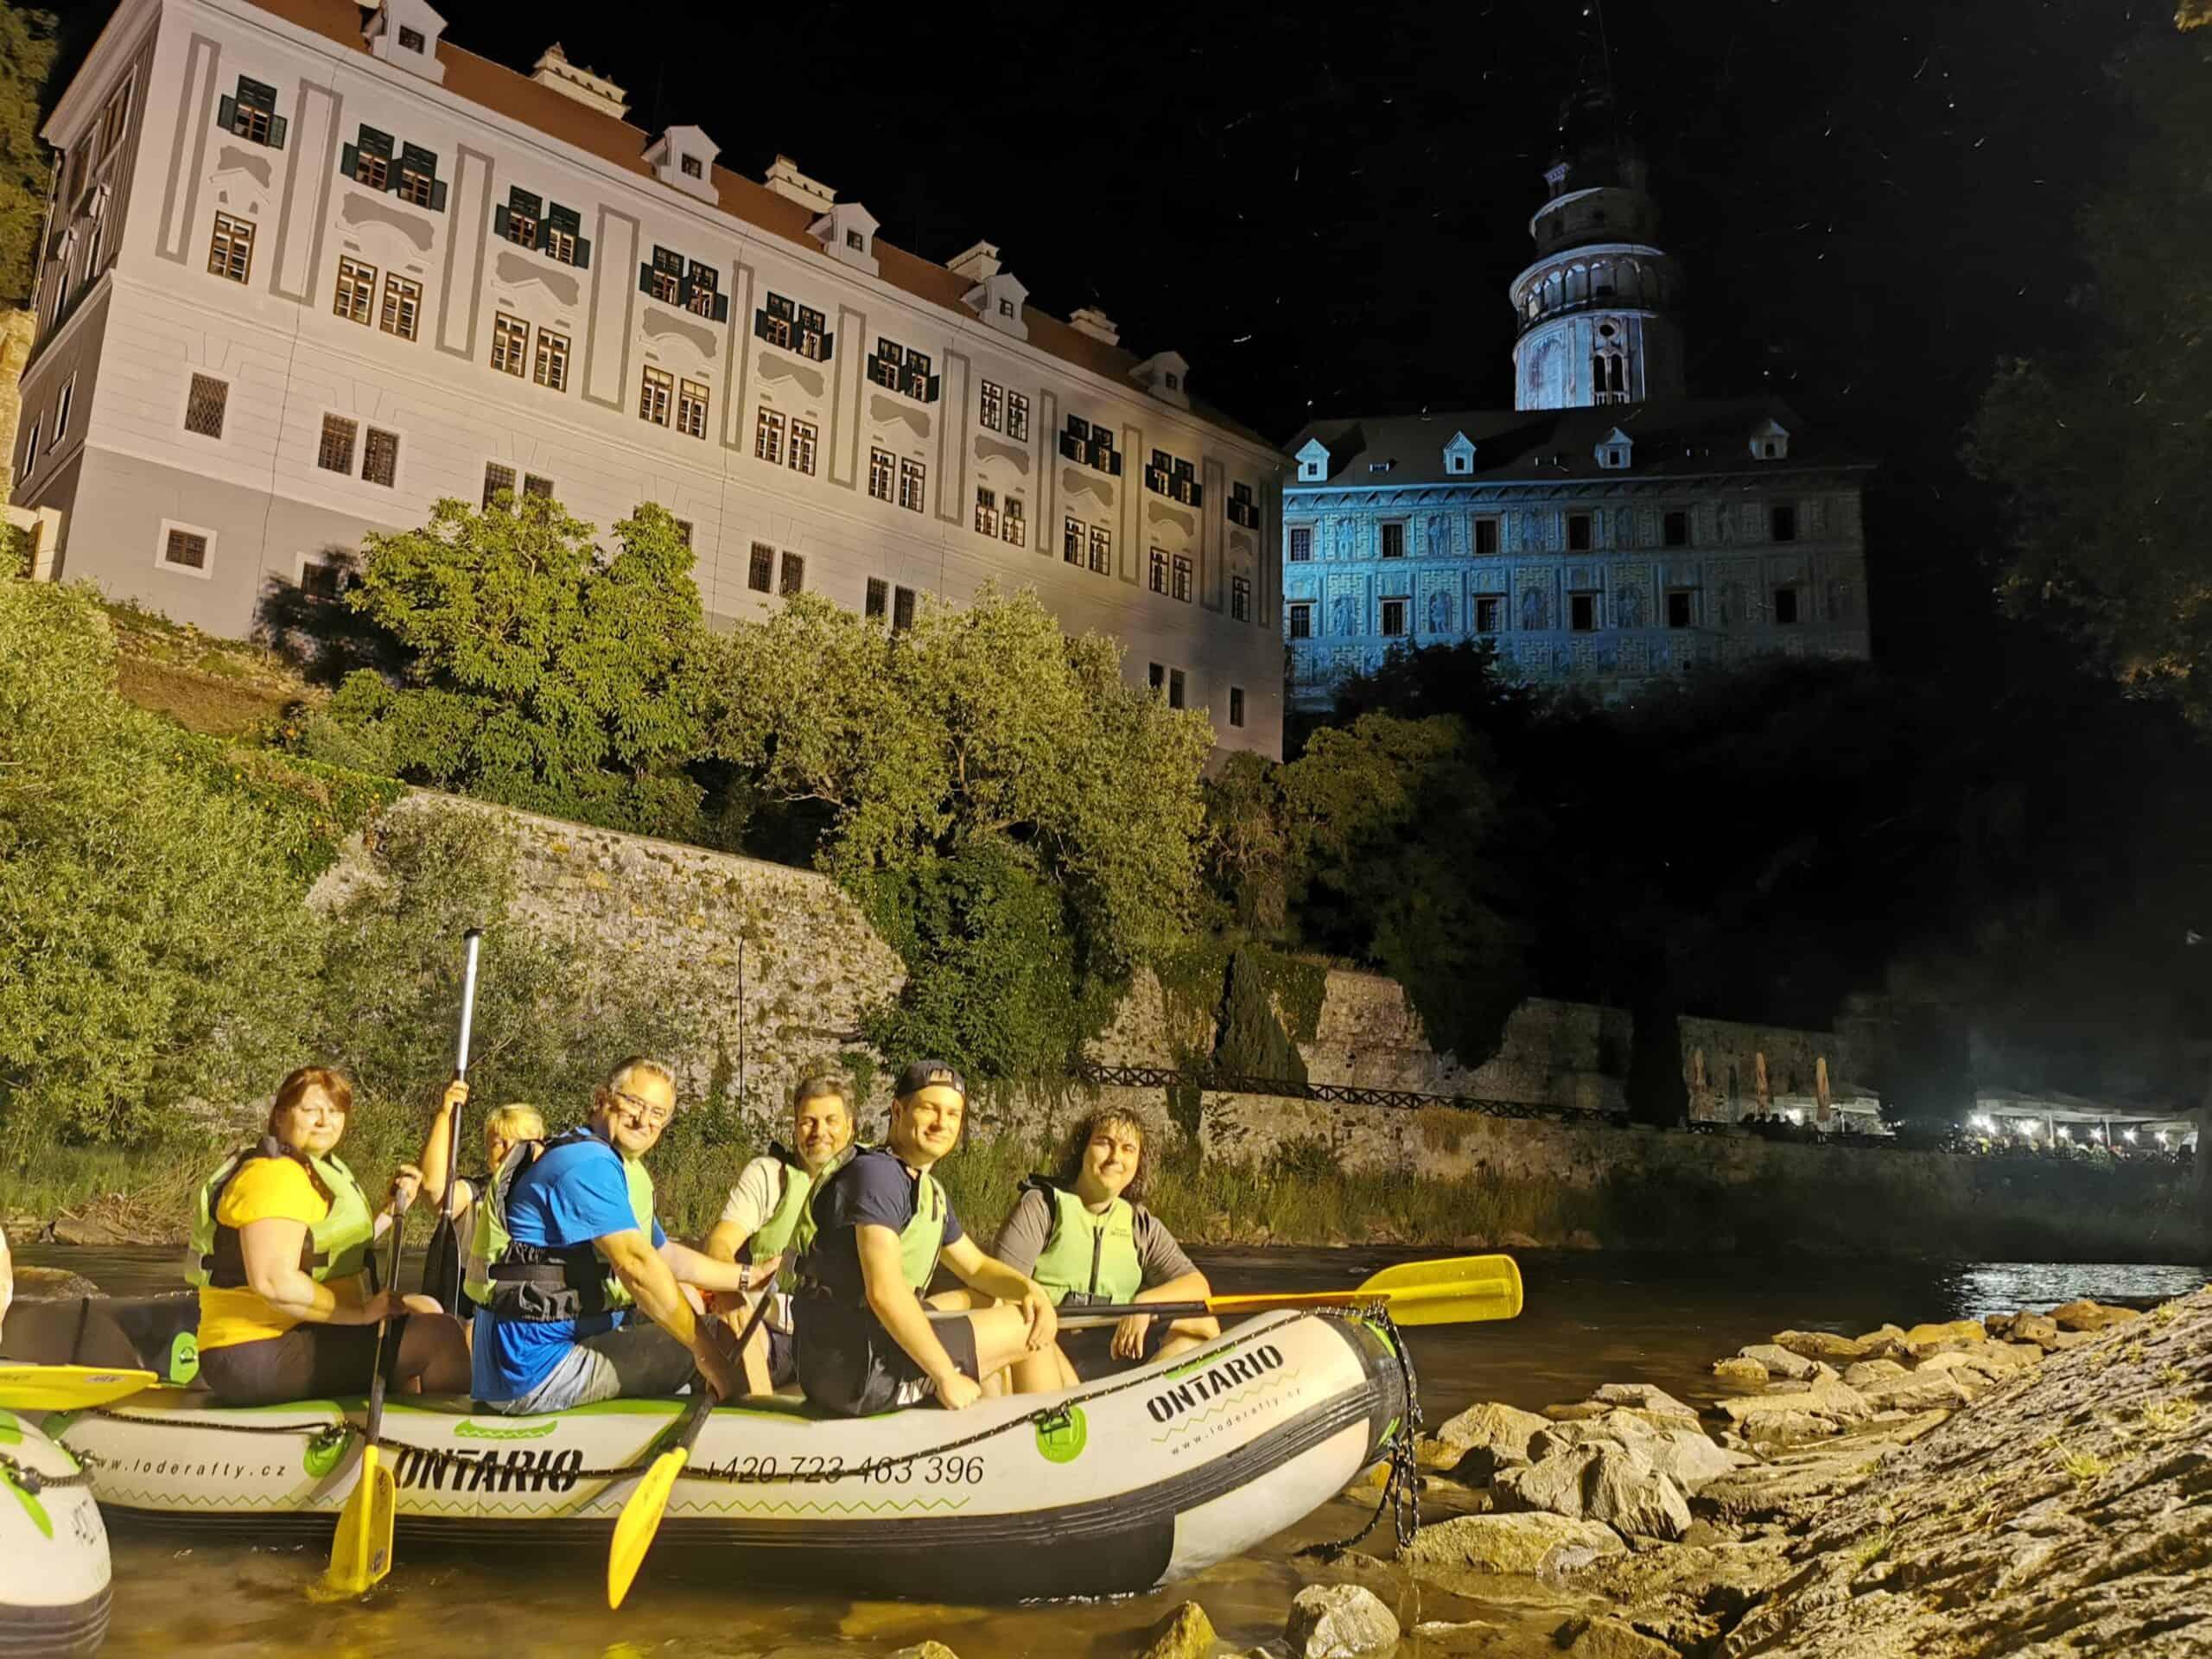 grupa turystów w pontonie z Czeskim Krumlovem w tle